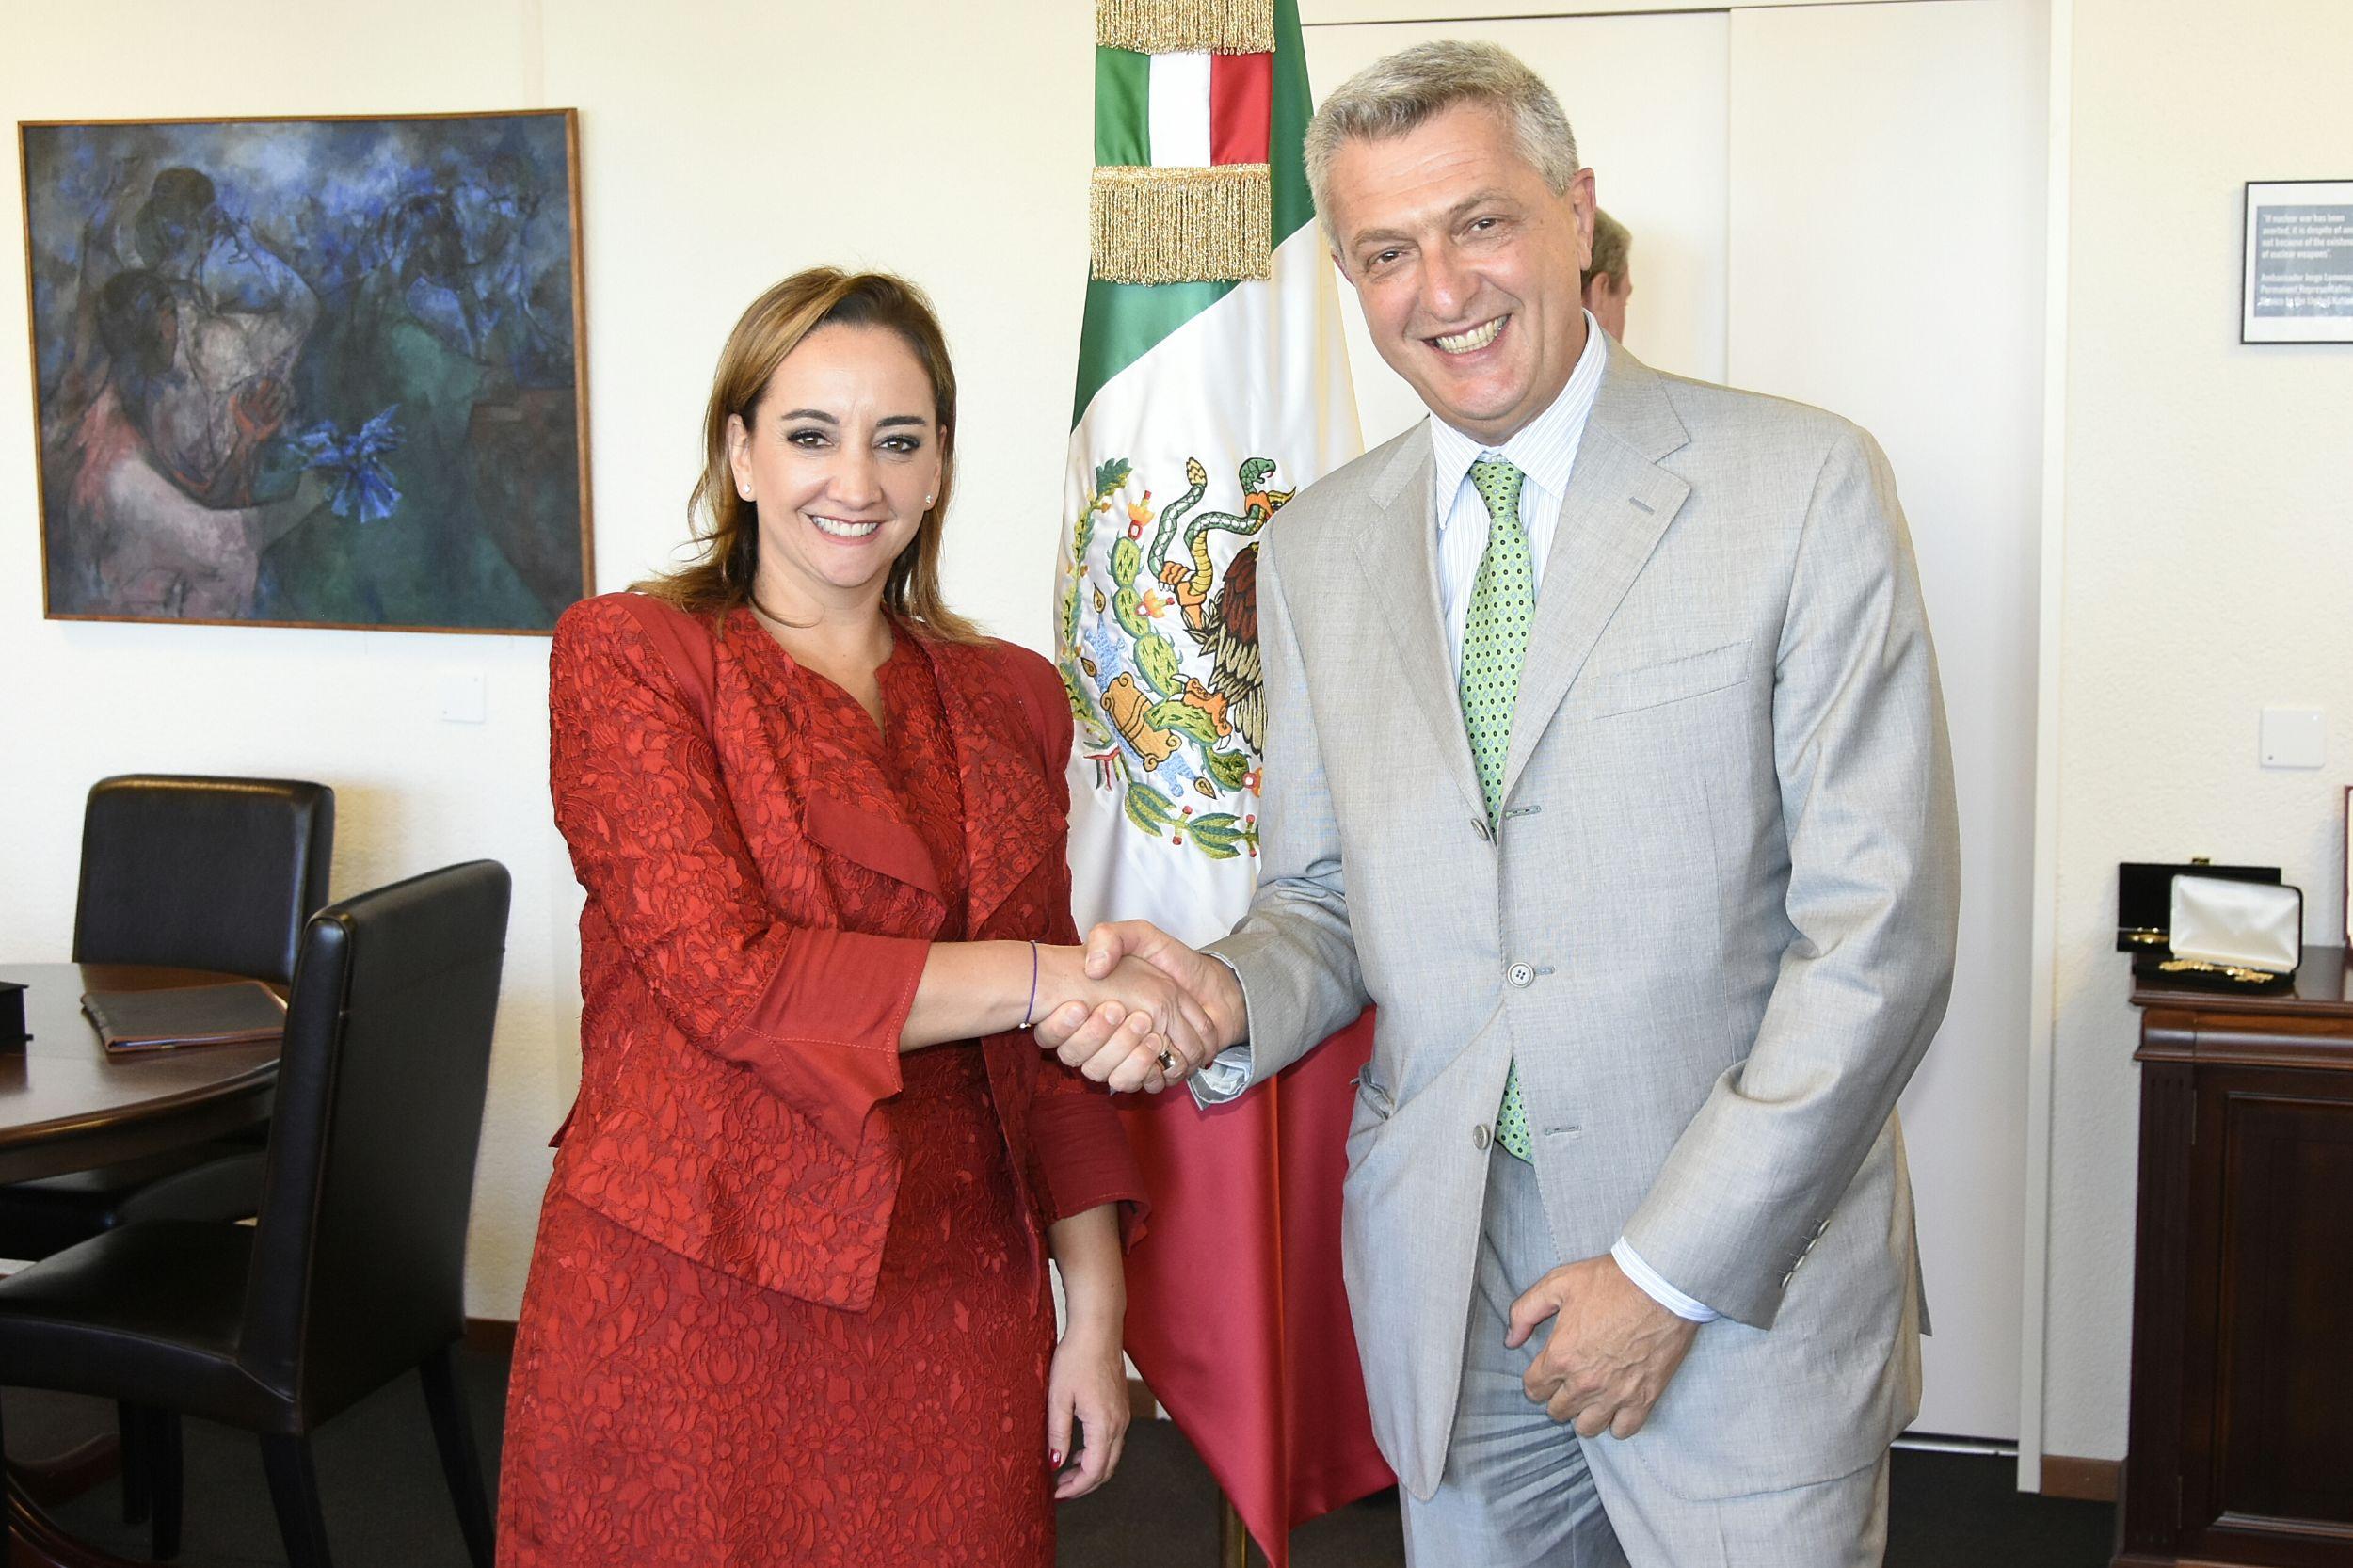 La Canciller se reunió con el Alto Comisionado de las Naciones Unidas para los Refugiados (ACNUR), Filippo Grandi